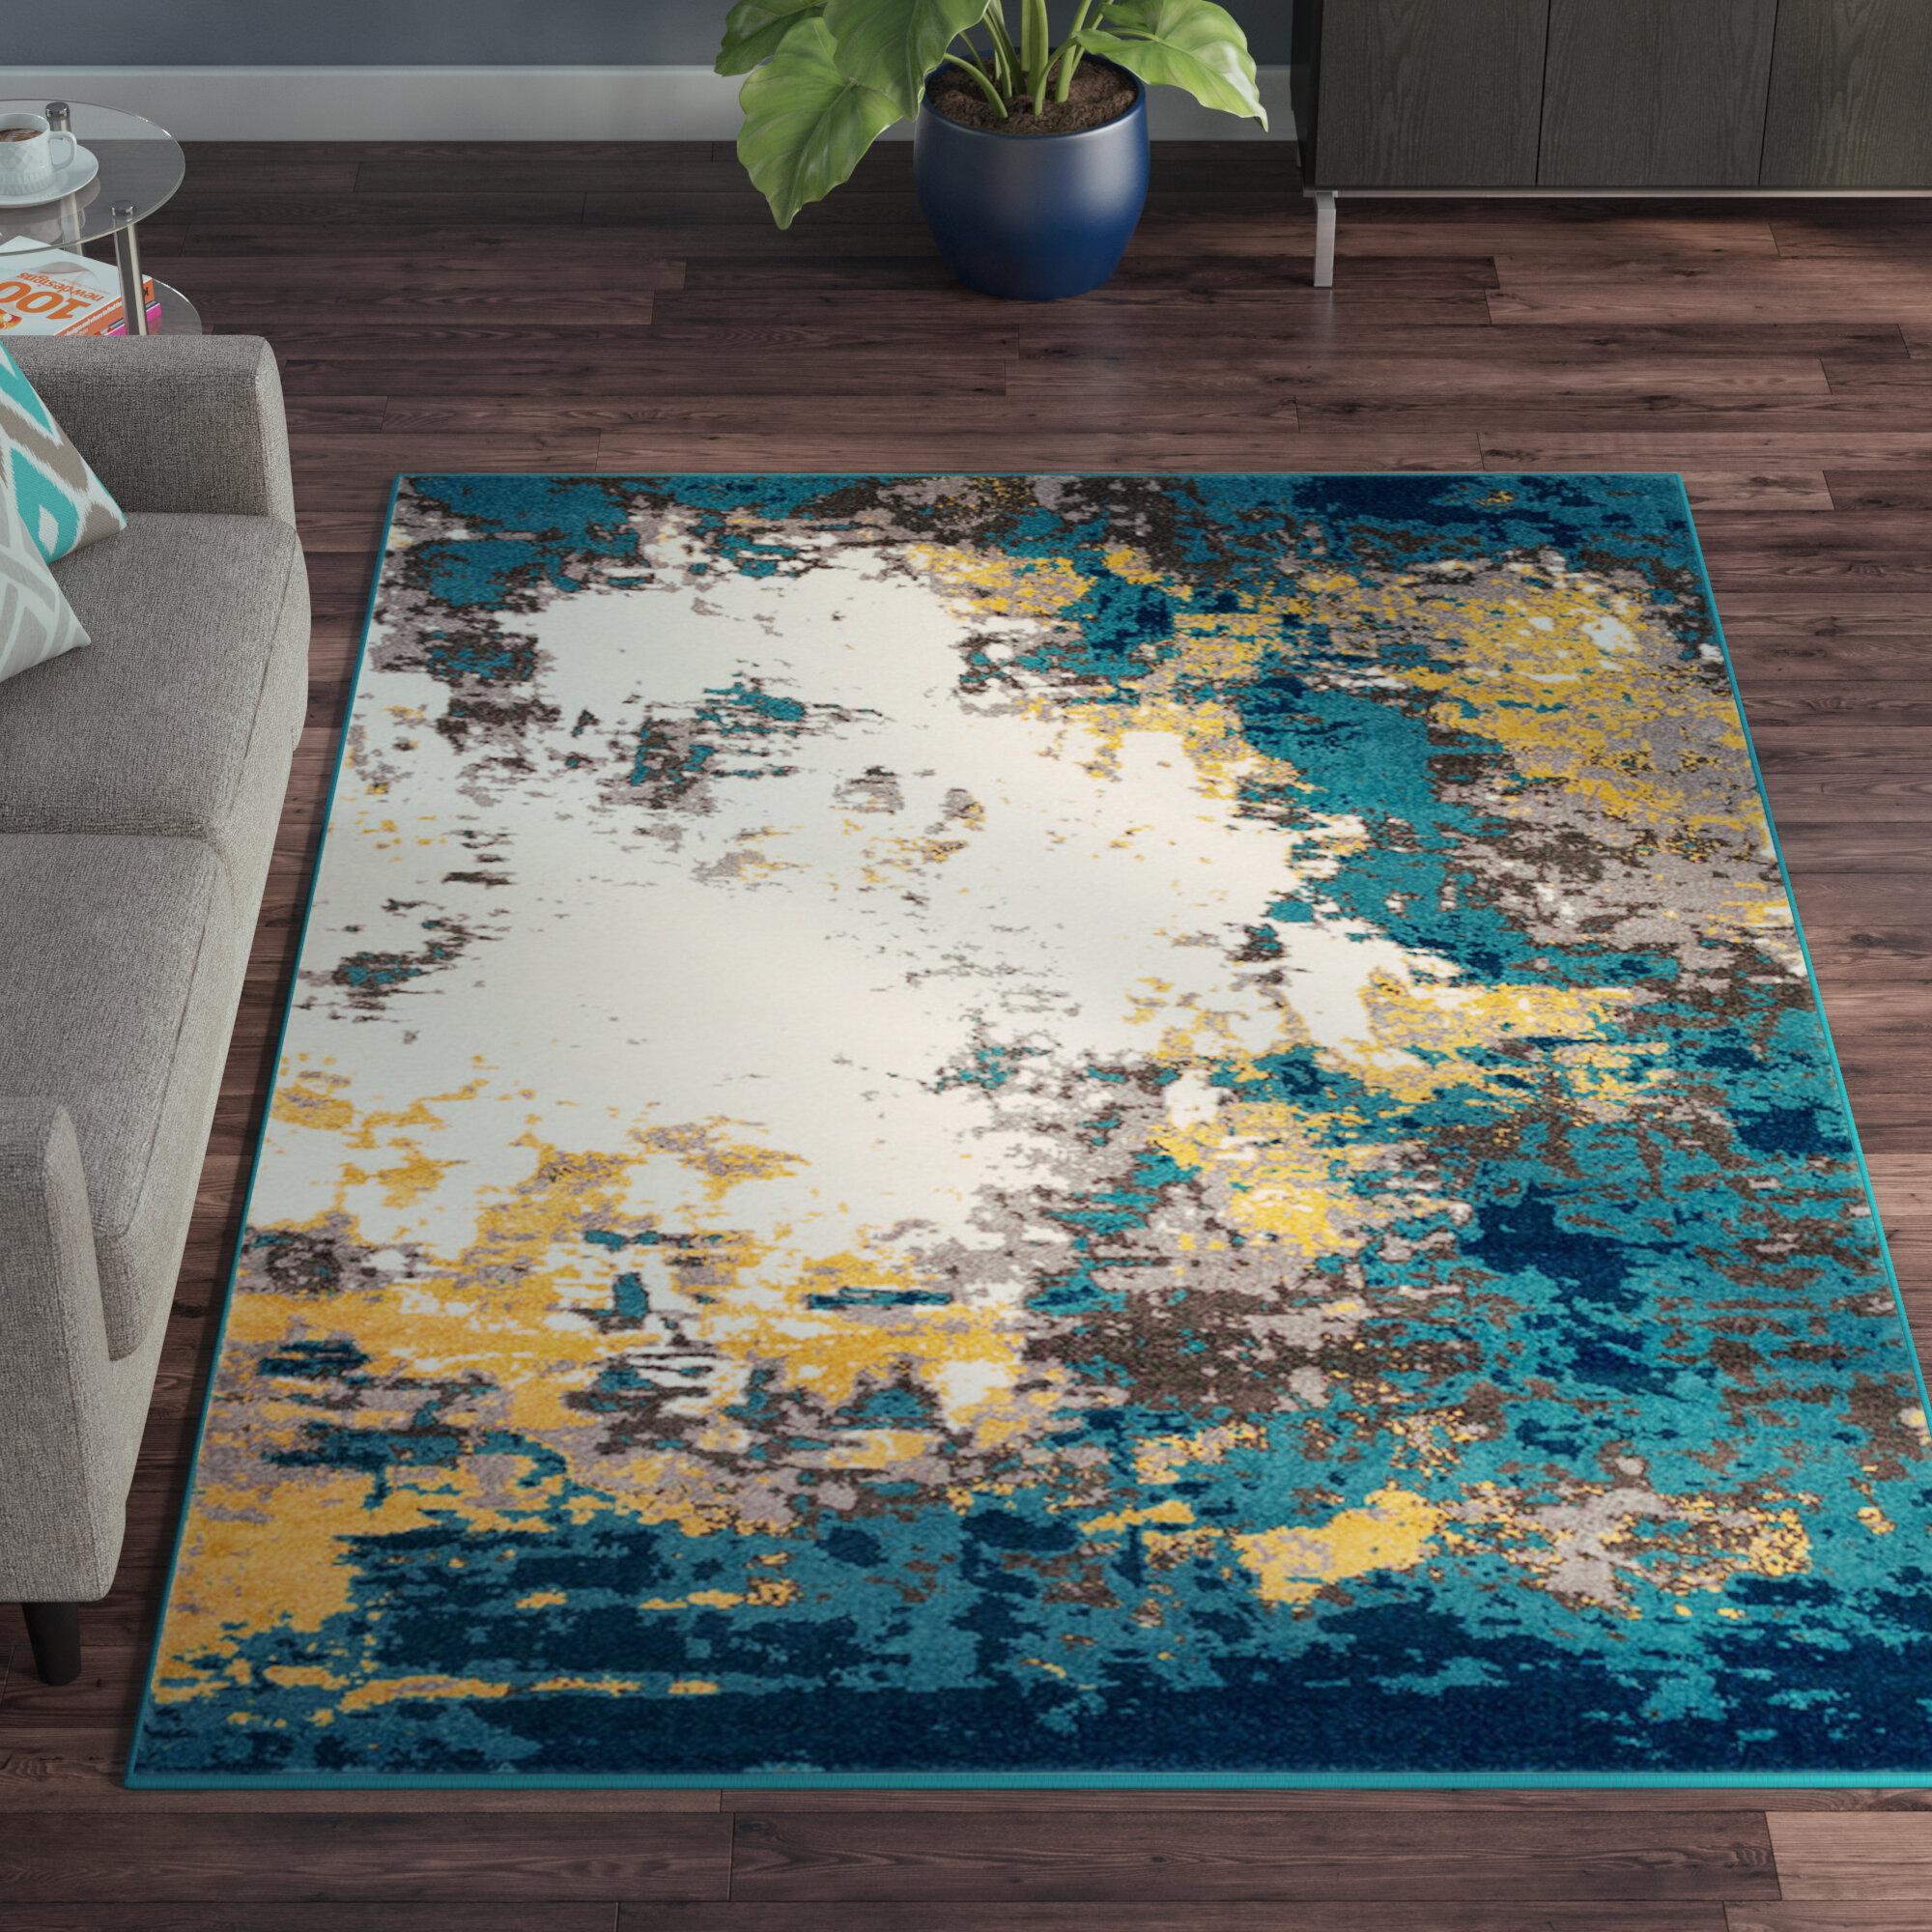 Wrought Studio Shuff Aqua Bright Blue Area Rug Reviews Wayfair